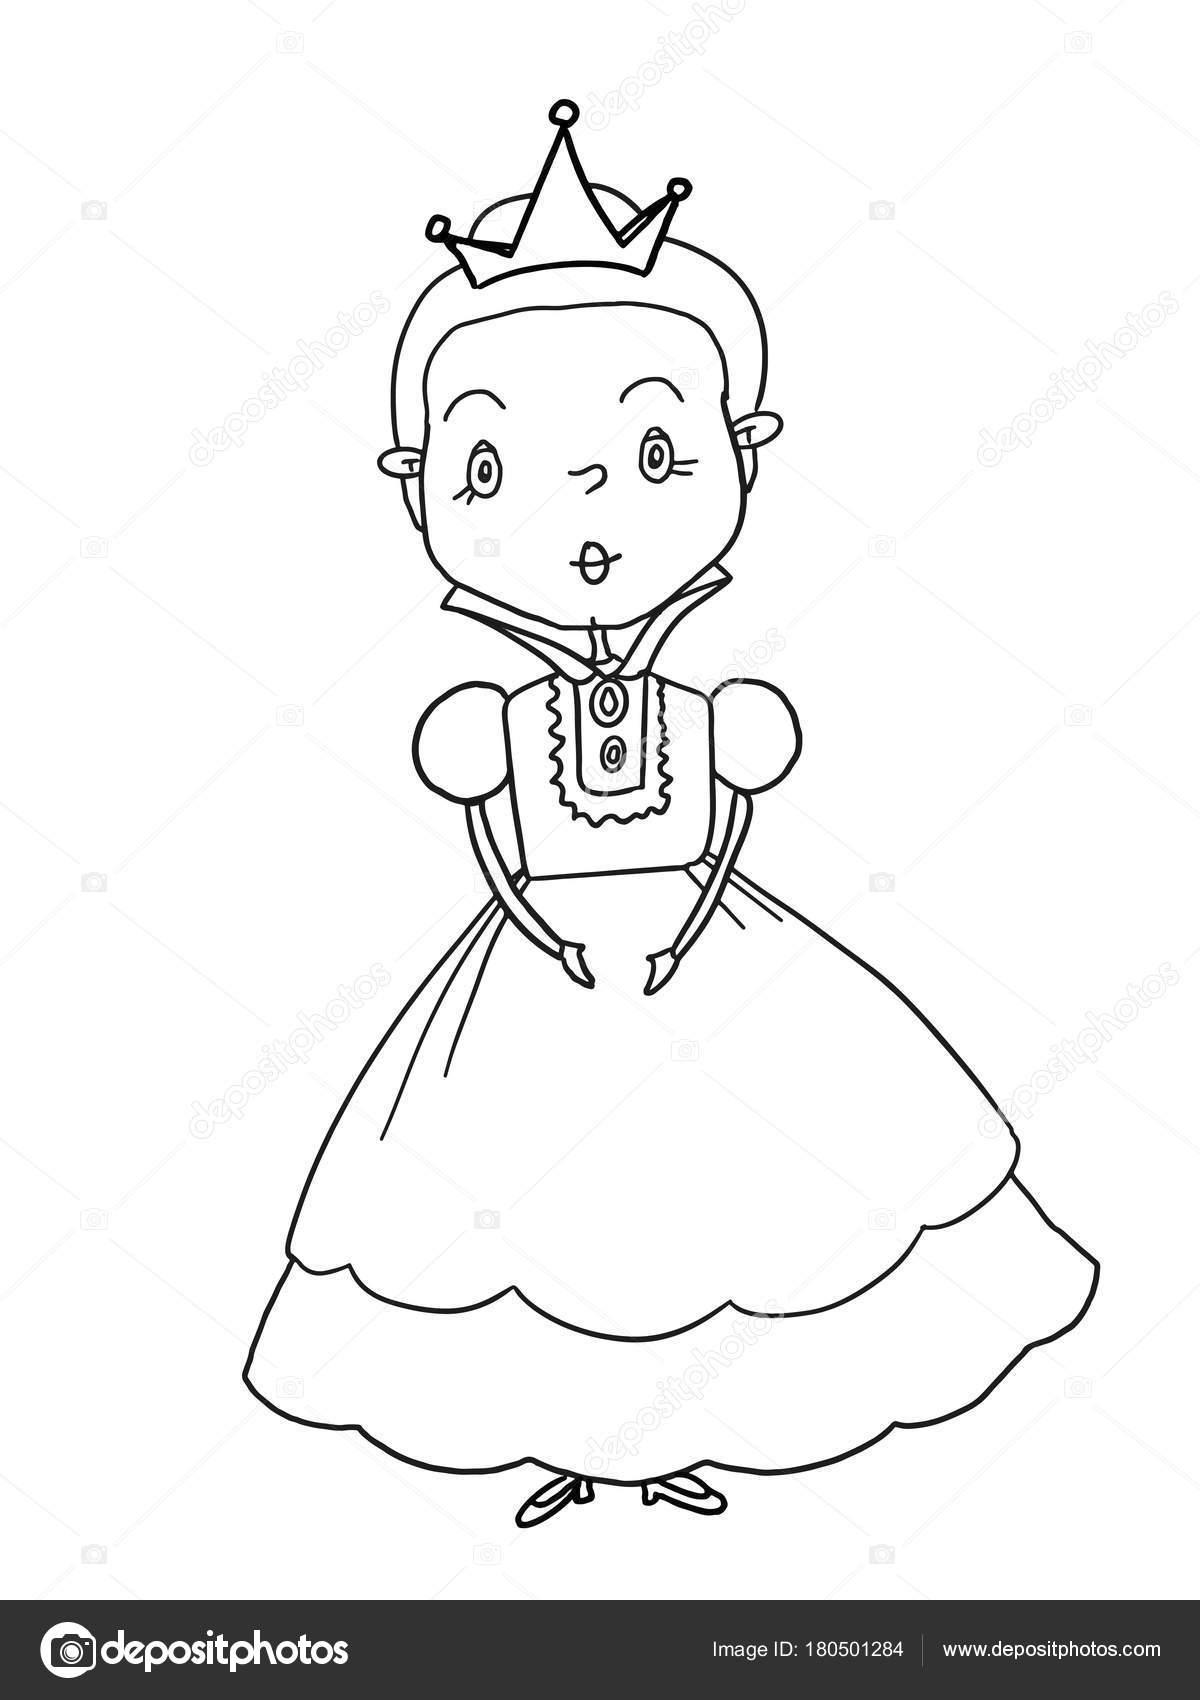 король принцесса принц замок иллюстрация рисунок раскраски